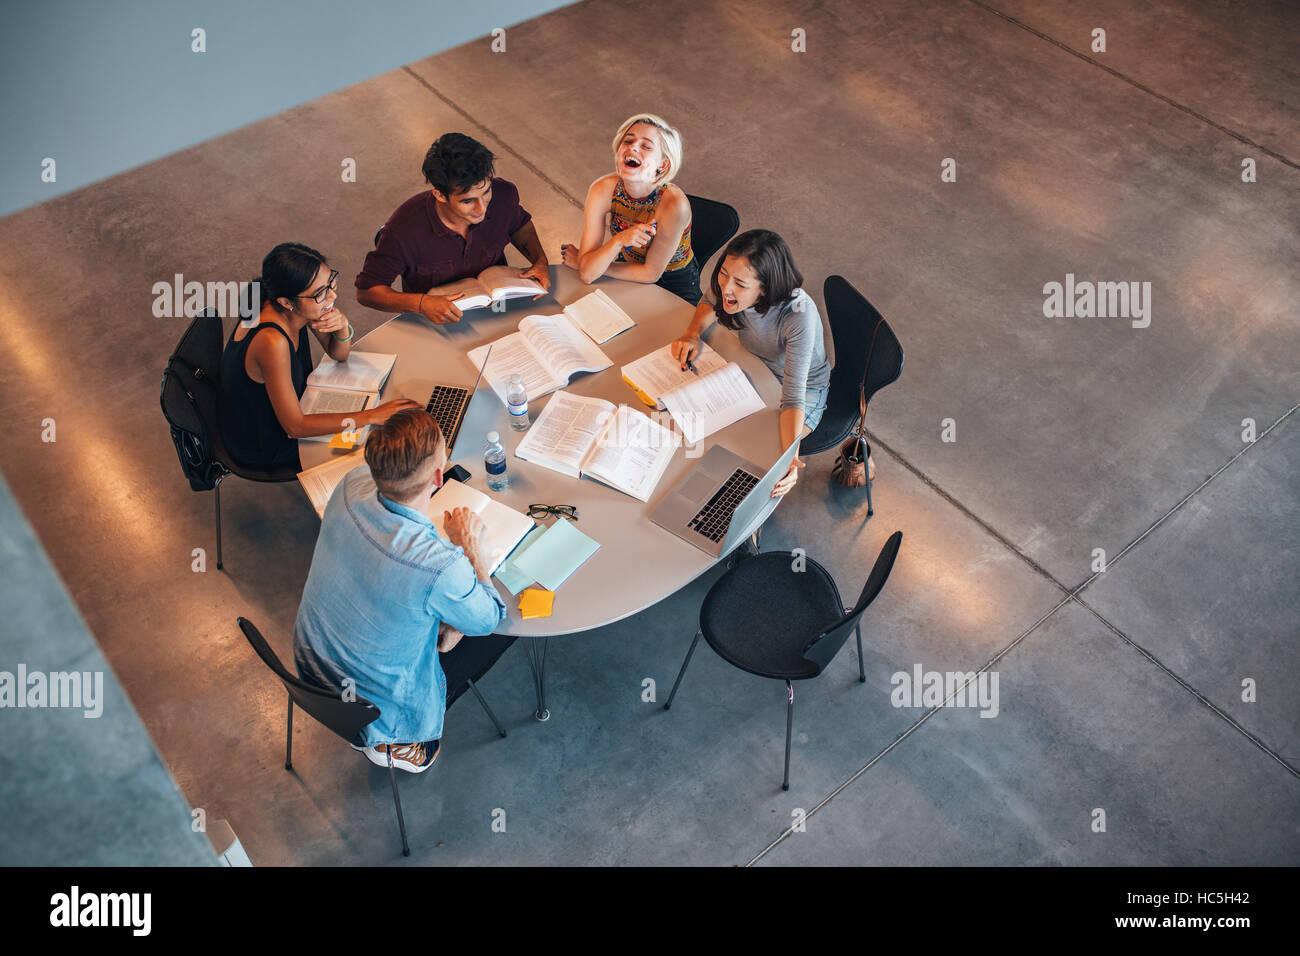 Vue de dessus du groupe d'étudiants assis ensemble à table. Les étudiants de l'Université d'étude de groupe et souriant. Banque D'Images